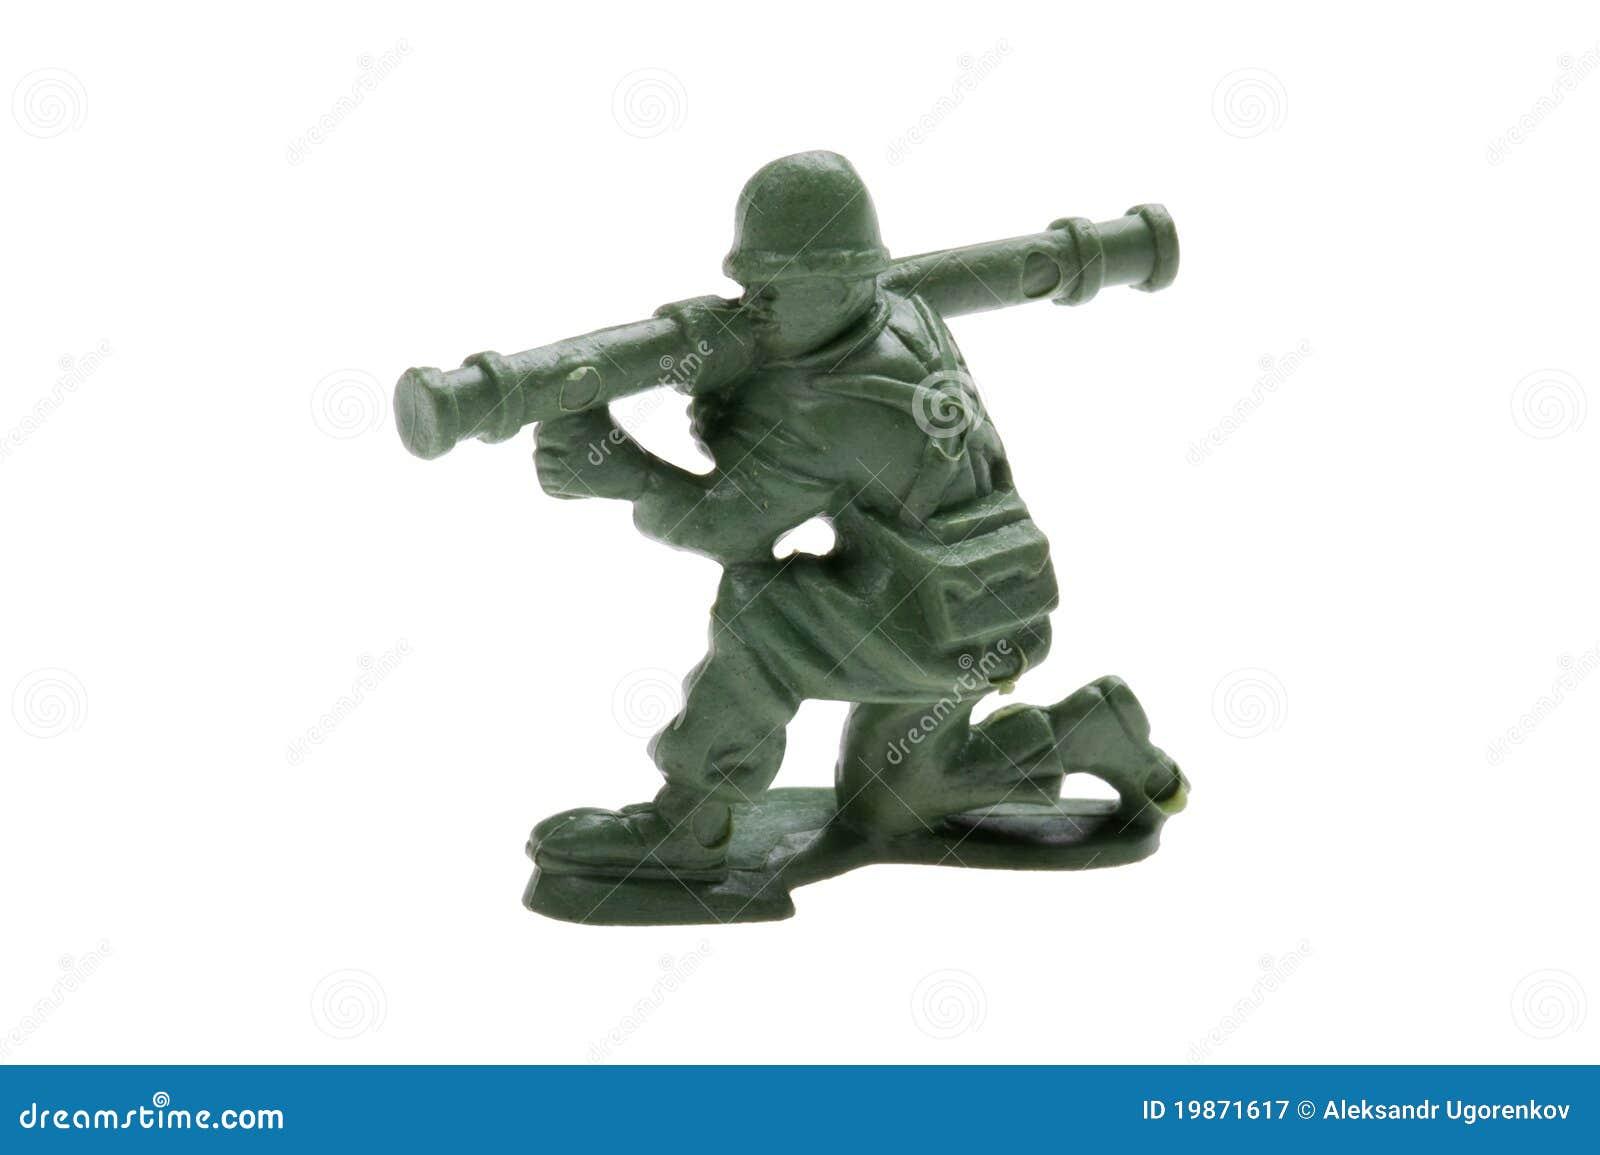 Oem Soldados De Juguete De Plstico Conjunto Militar